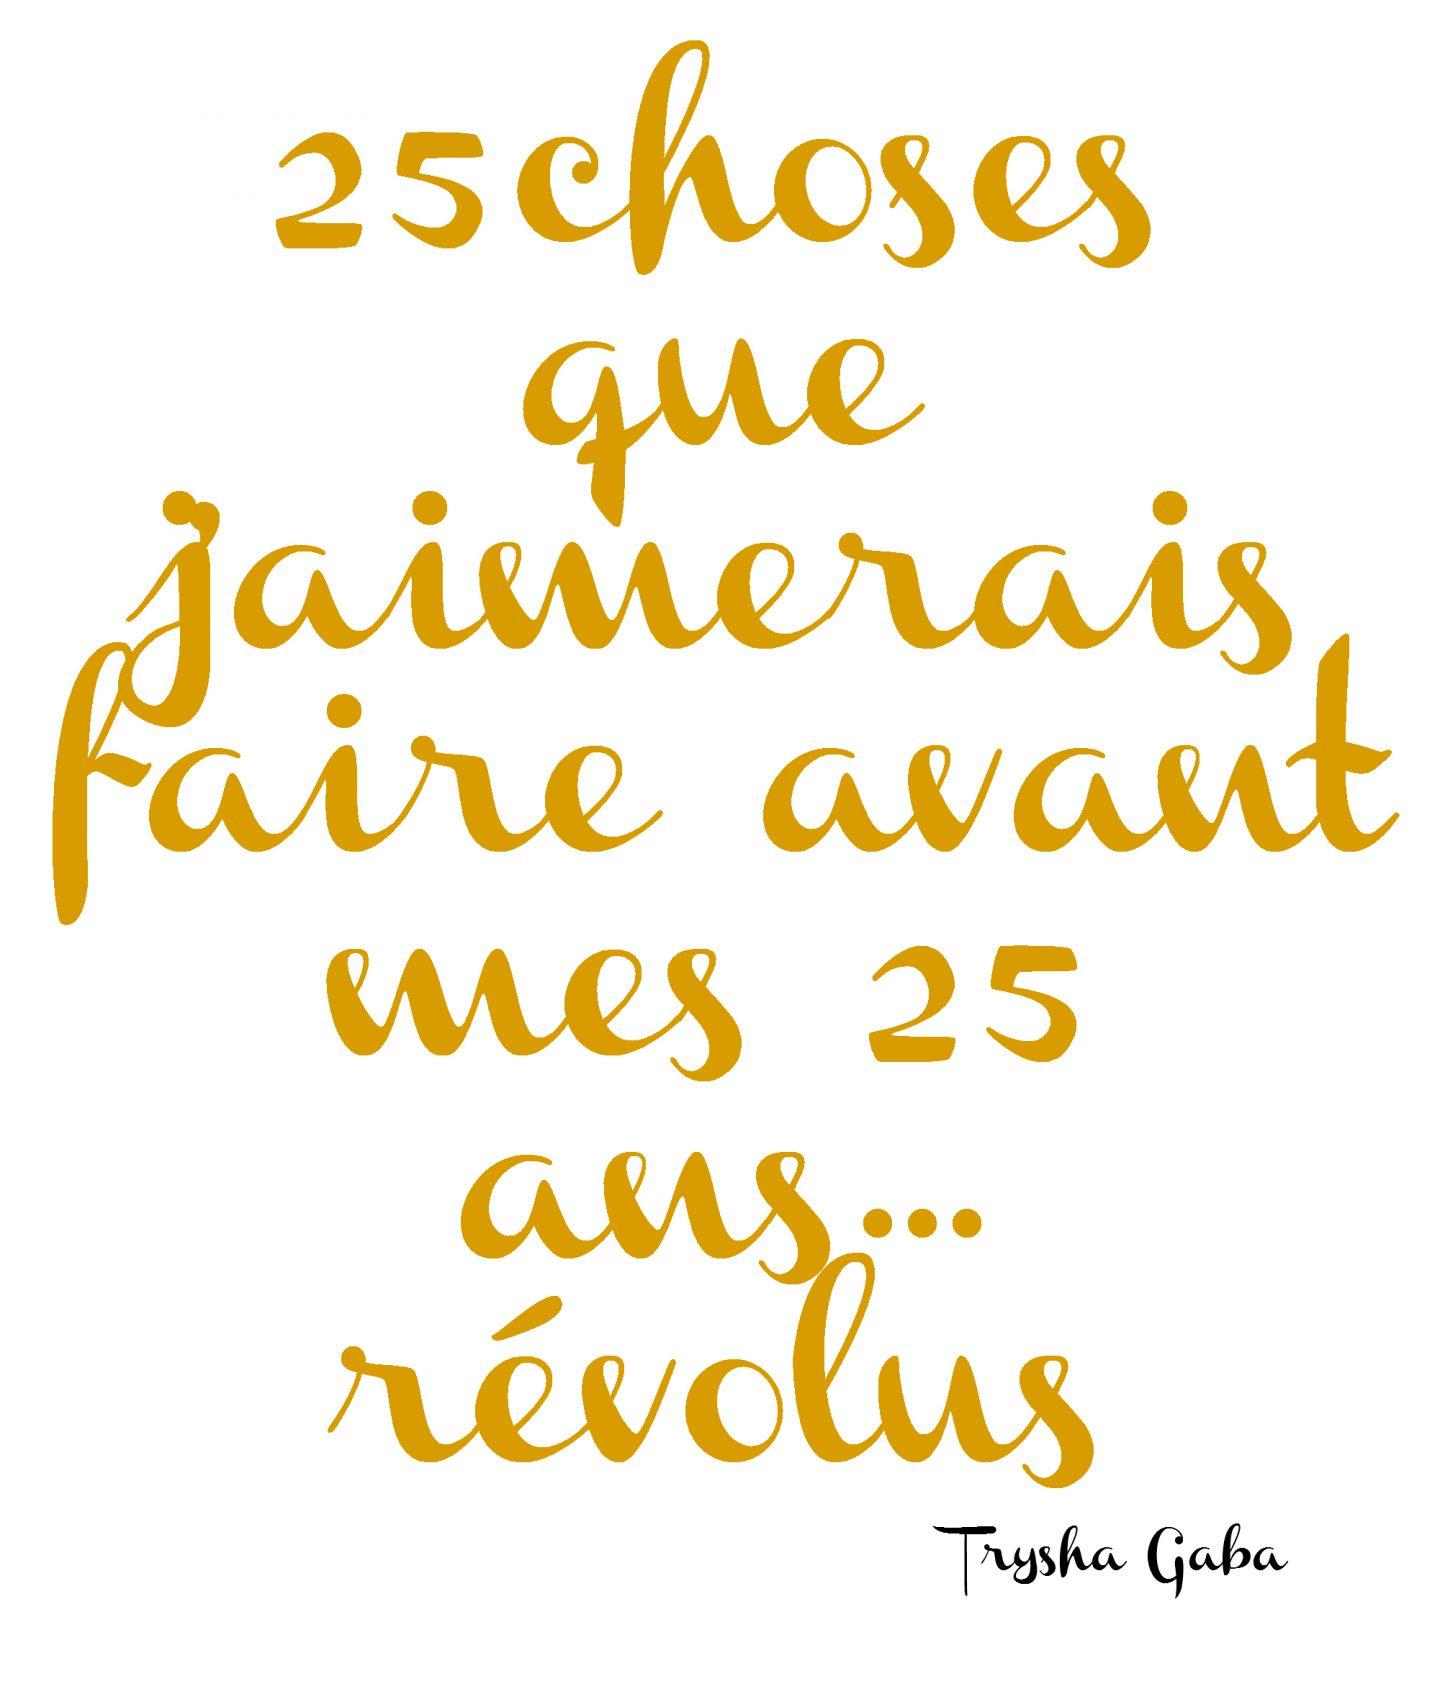 Les 25 Choses Que J Aimerais Faire Avant Mes 25 Ans Revolus